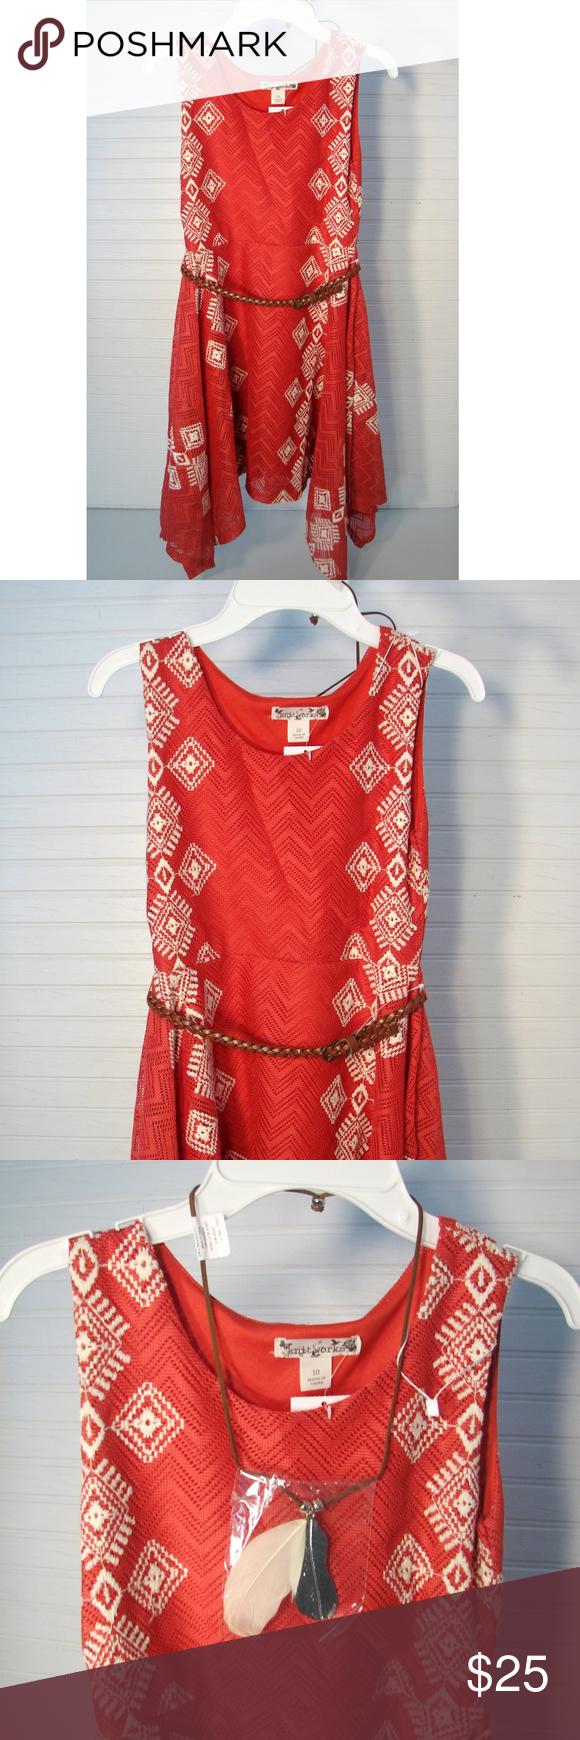 Orange dress casual  Girls Dress By Knit Works Handkerchief Hem Sz  NWT  My Posh Picks